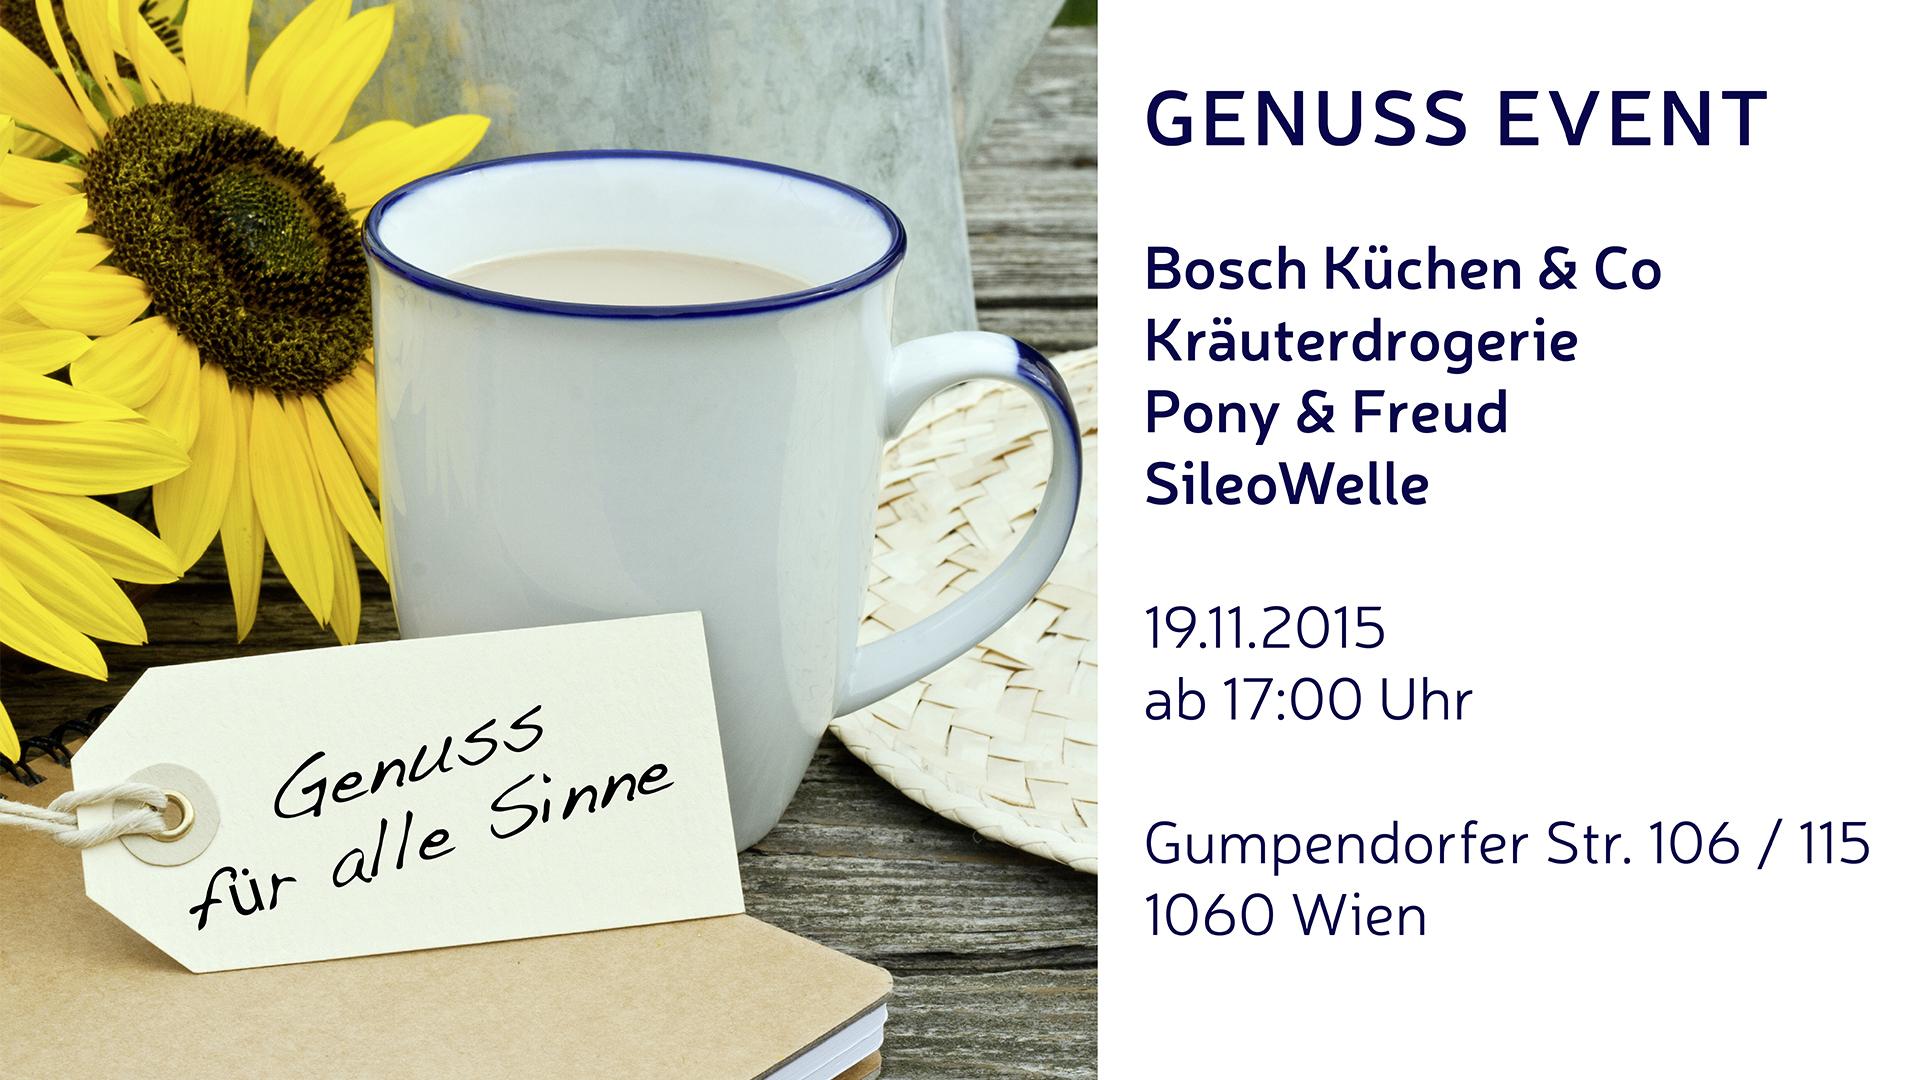 Küchen Und Co genuss für alle sinne am 19 11 2015 premiere sileowelle